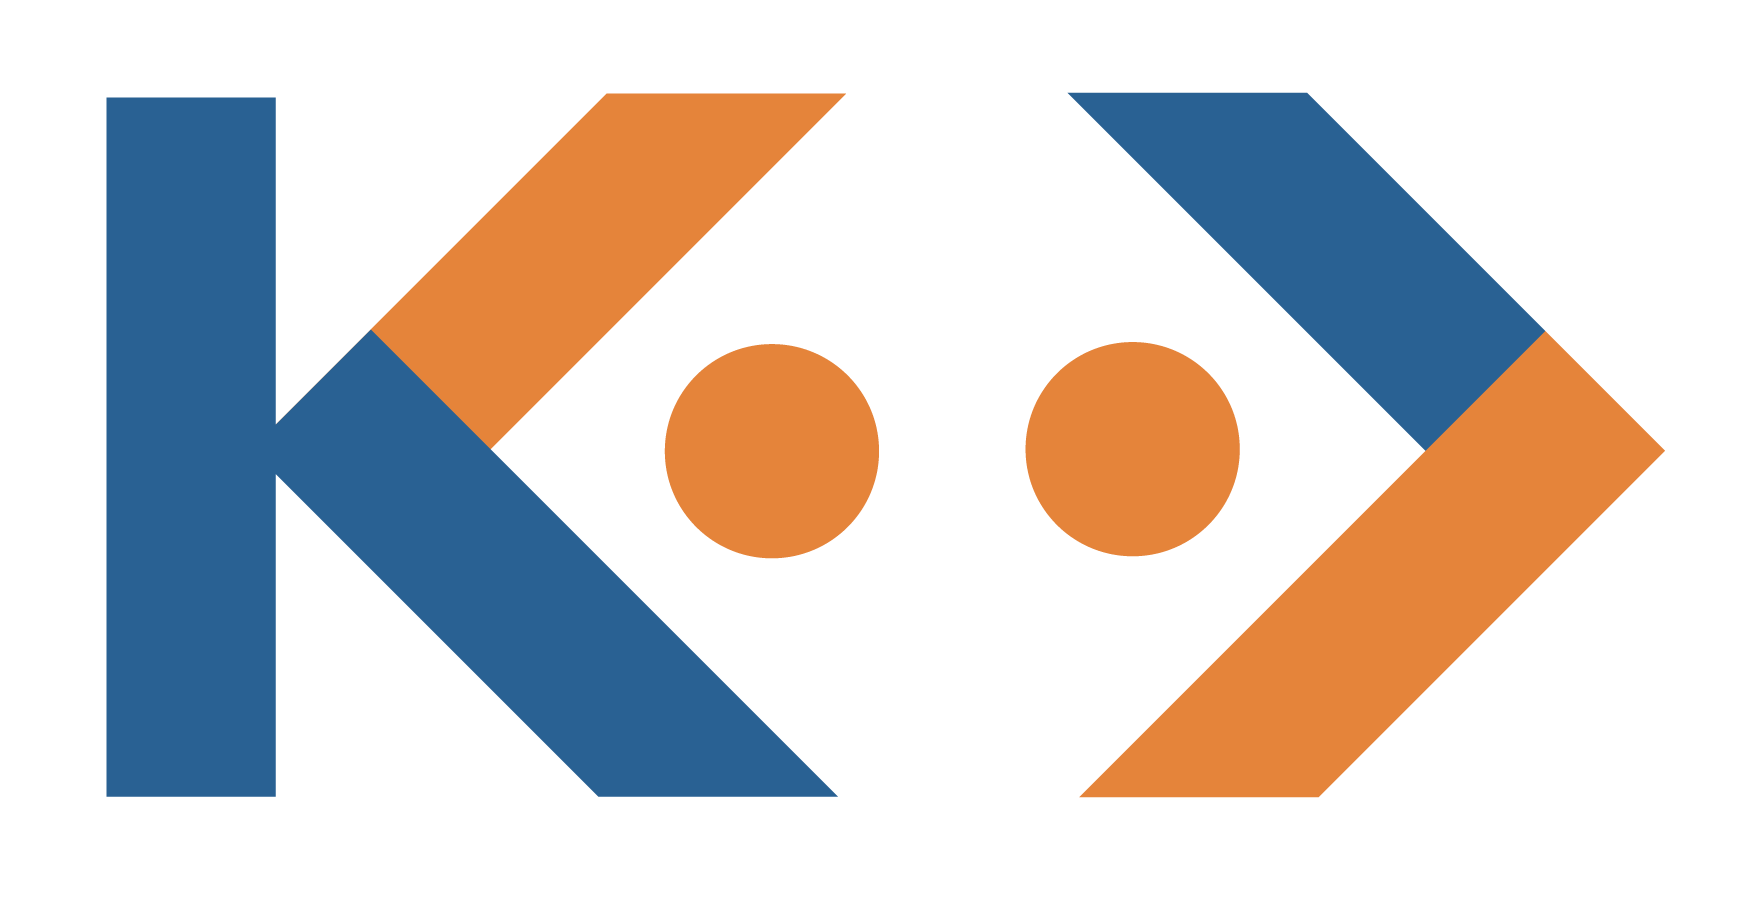 KLoLogo-K